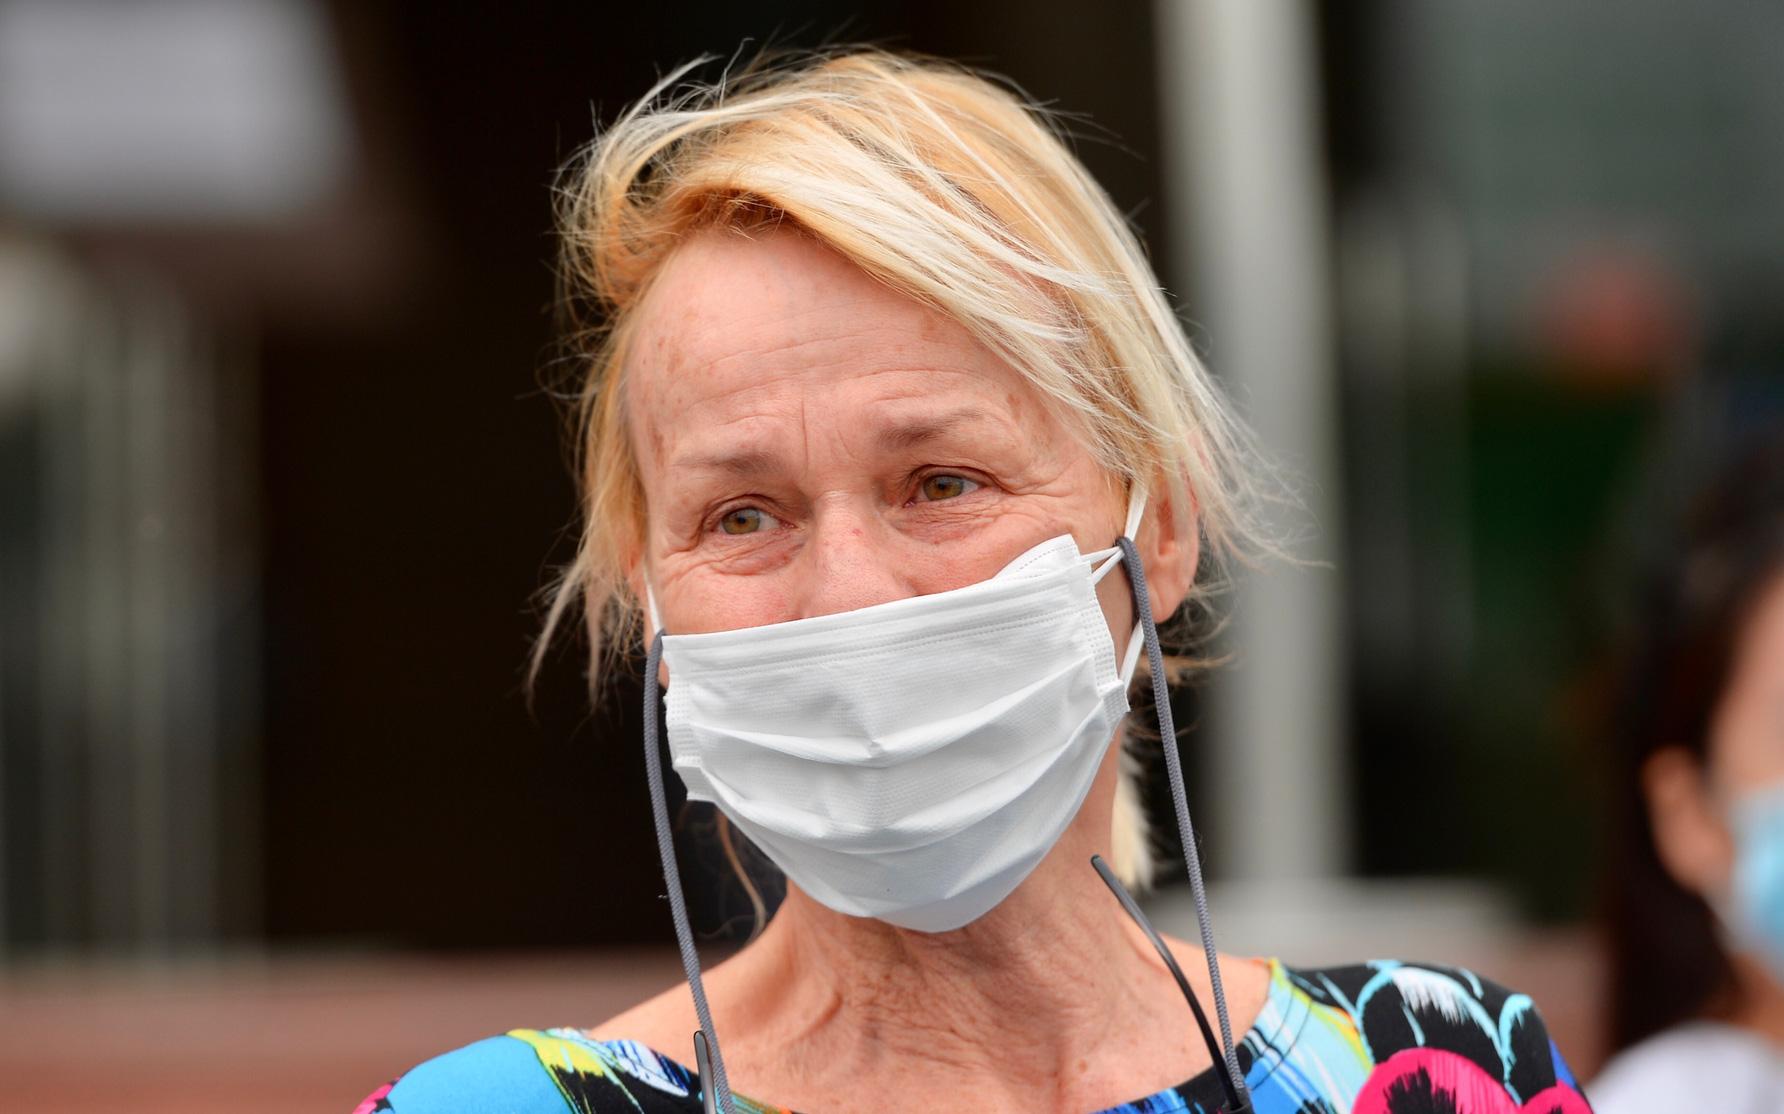 Bệnh nhân 24 rơm rớm nước mắt trong ngày khỏi bệnh: ''Tôi từng nghĩ mình đã cận kề cái chết, nhưng các bác sĩ Việt Nam đã cứu tôi''